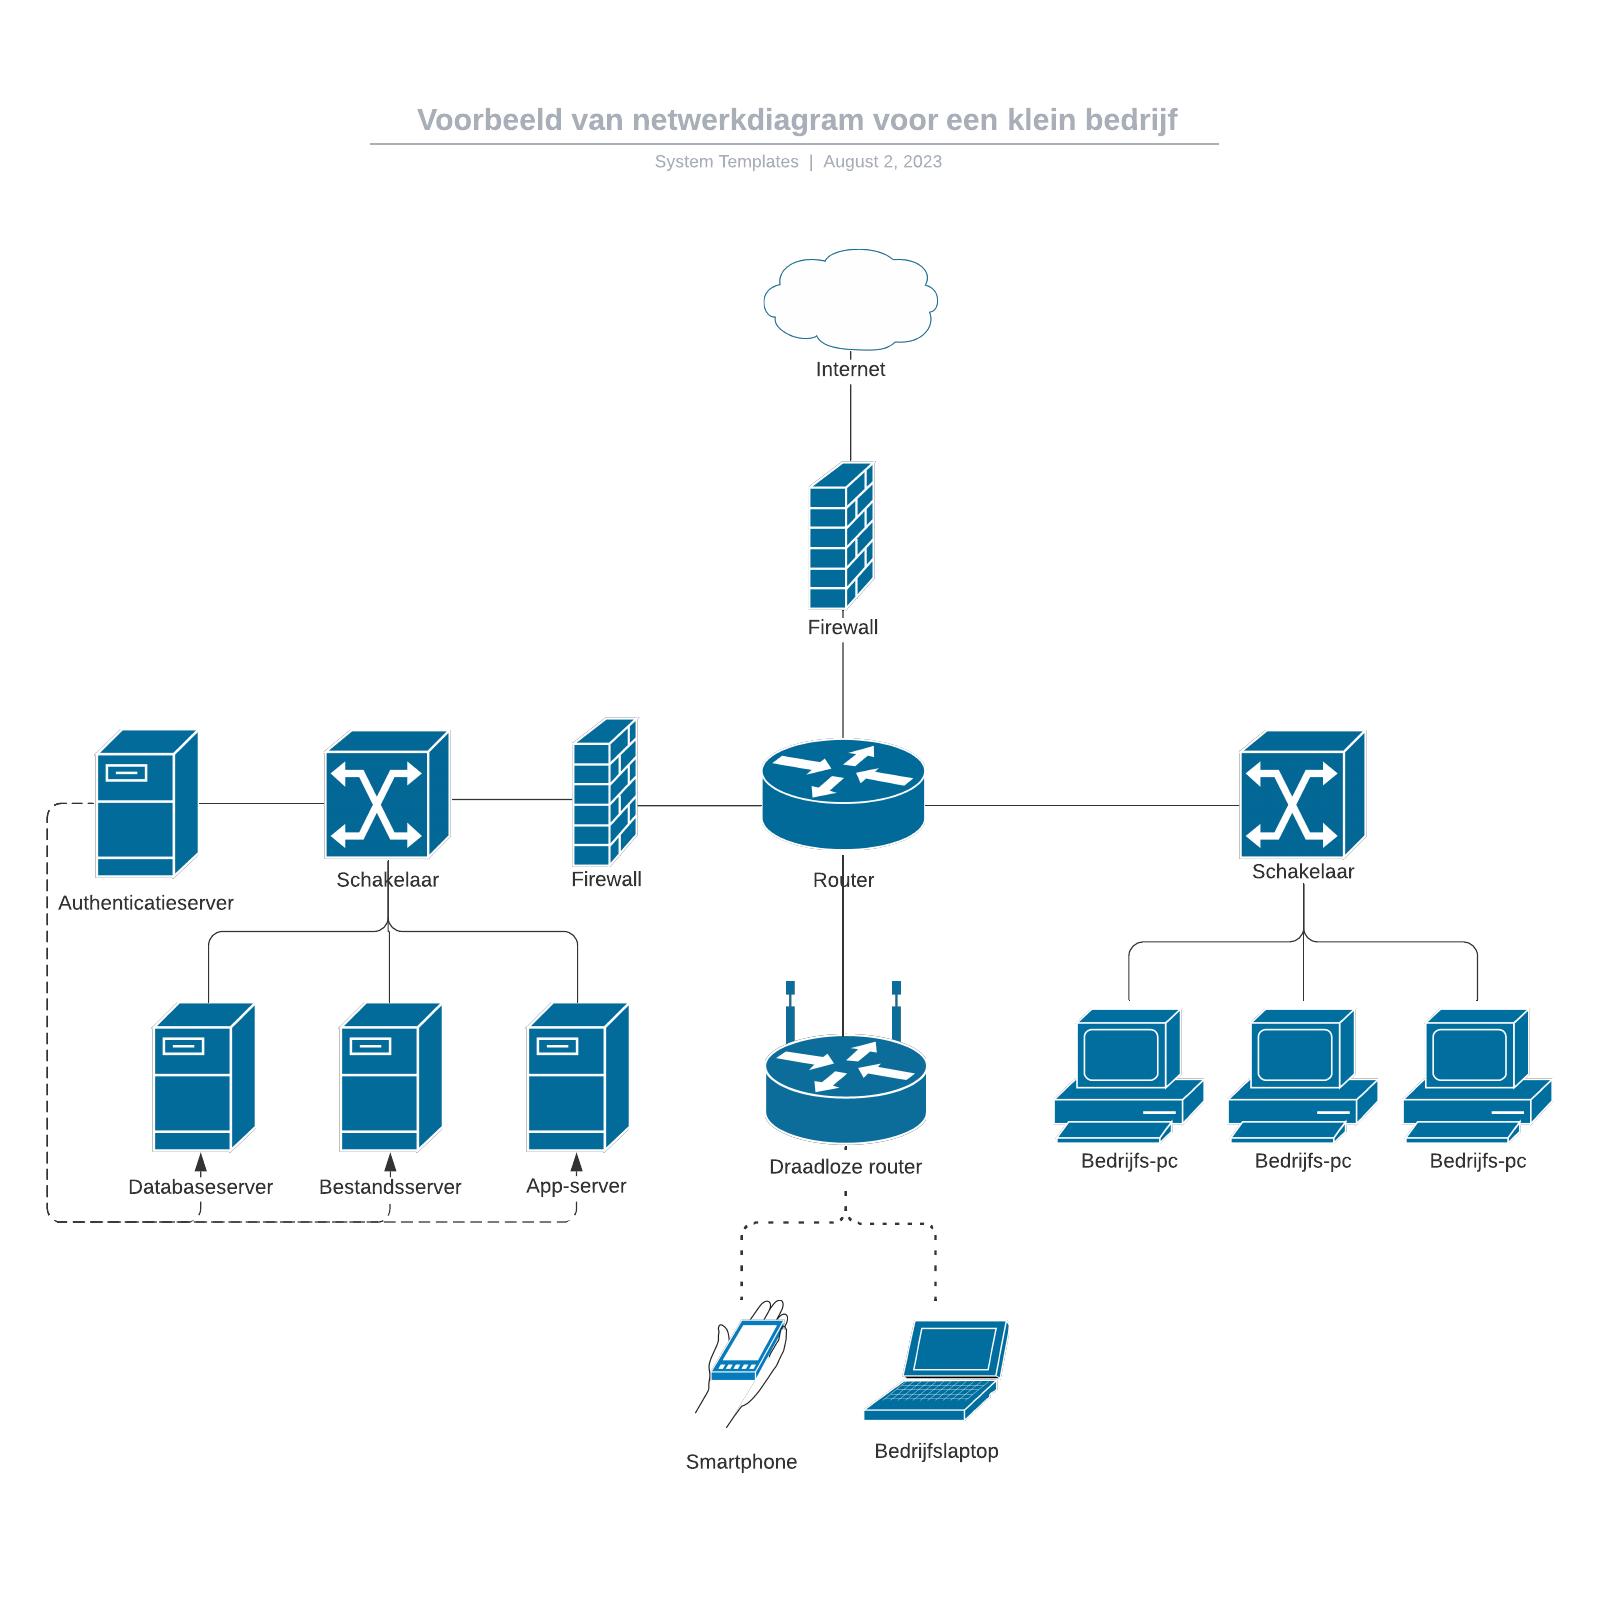 Voorbeeld van netwerkdiagram voor een klein bedrijf